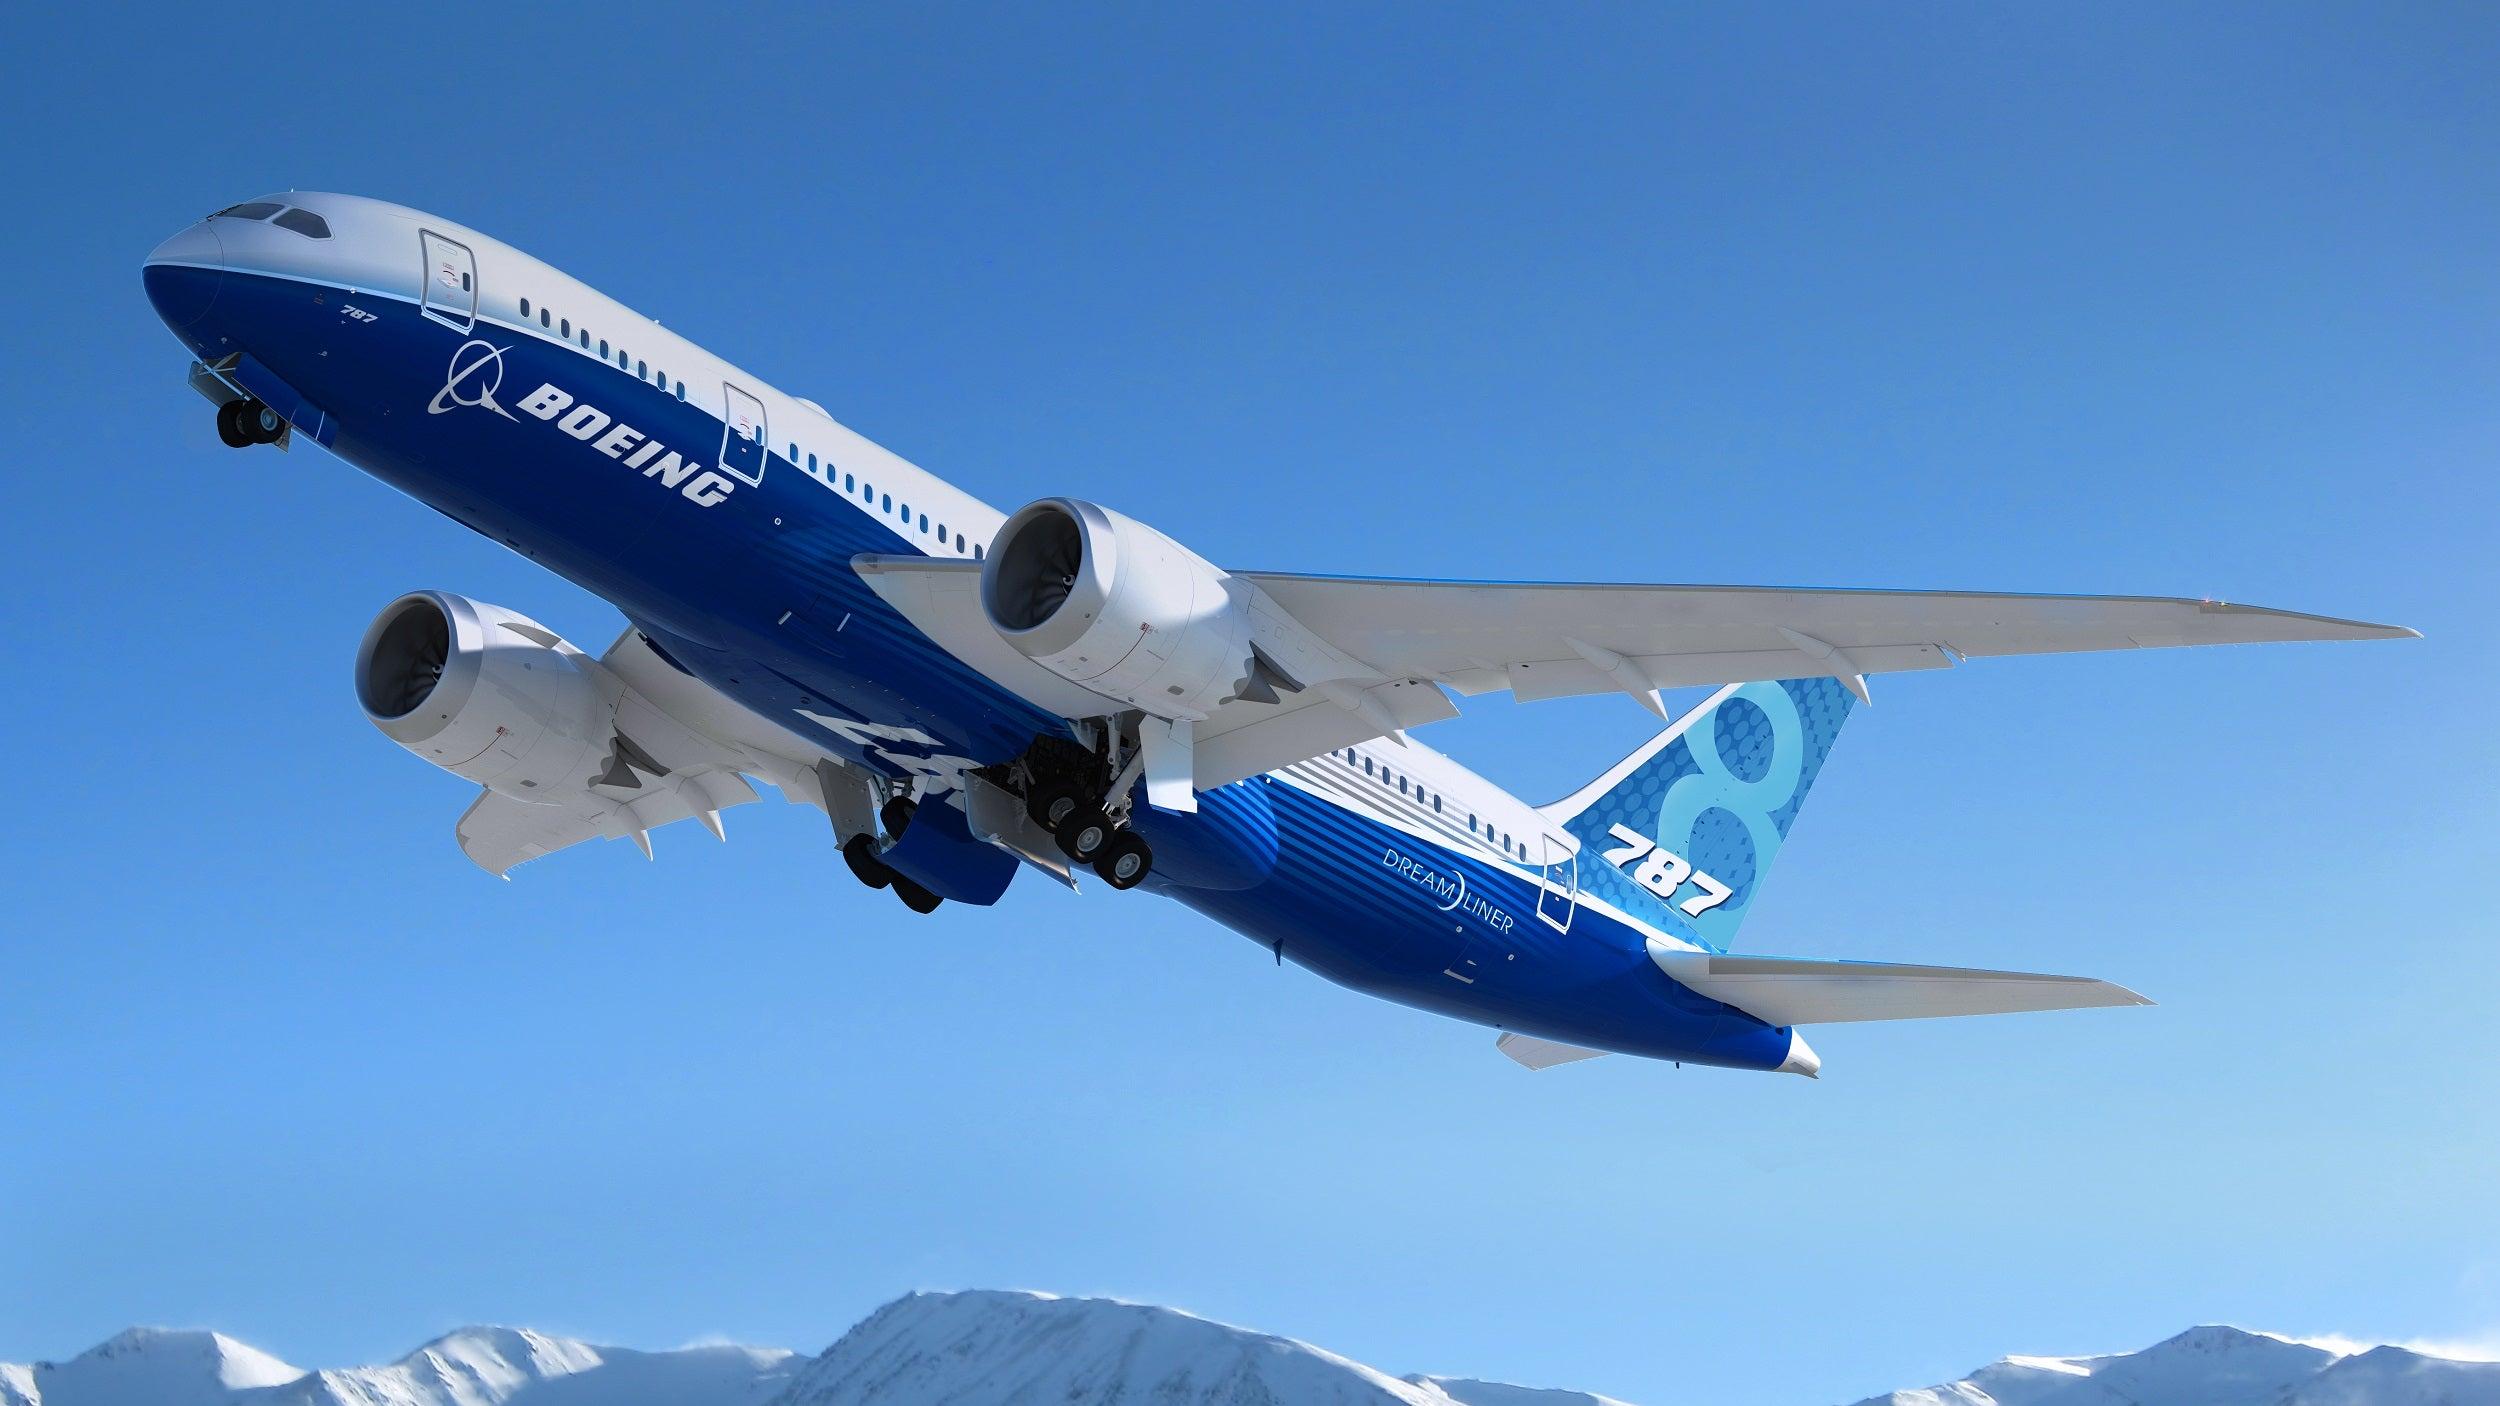 تمام هواپیماهای بوئینگ تا سال ۲۰۳۰ بطور ۱۰۰ درصد با سوختهای پایدار پرواز میکنند